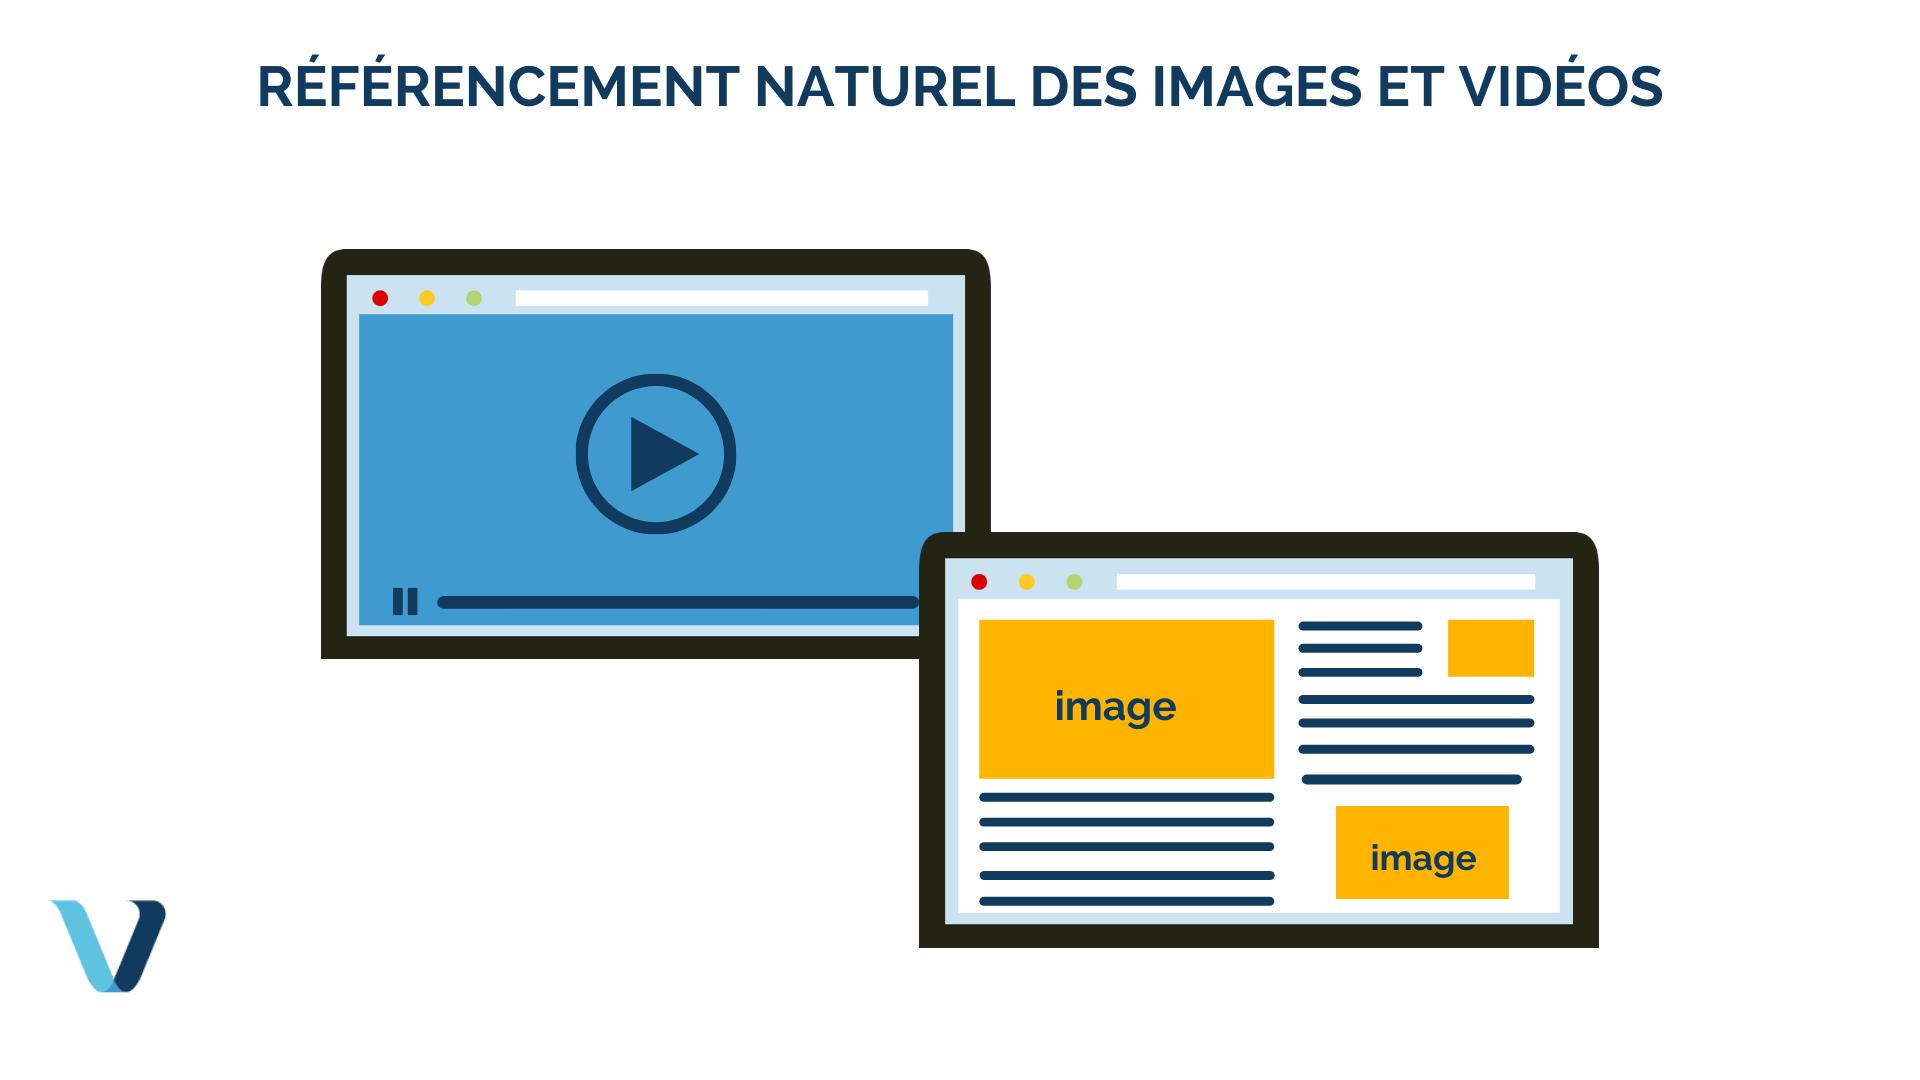 Référencement naturel des images et vidéos